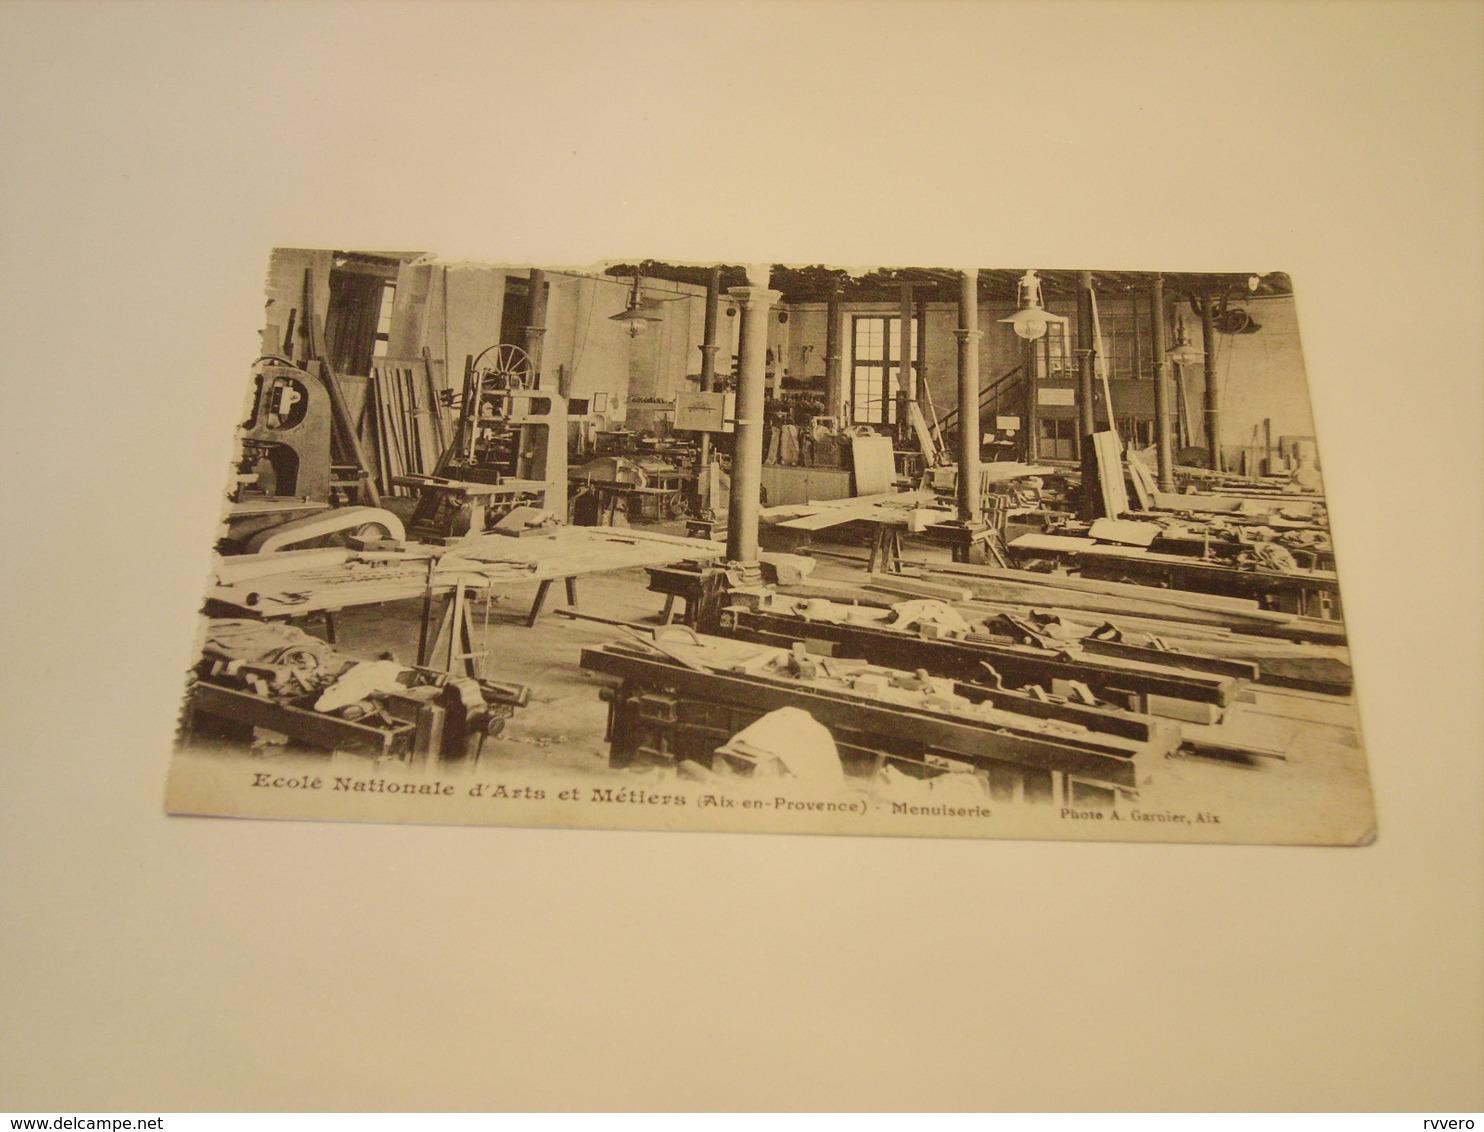 ECOLE NATIONNAL D ARTS ET METIERS AIX EN PROVENCE MENUISERIE  1917 - Cartes Postales